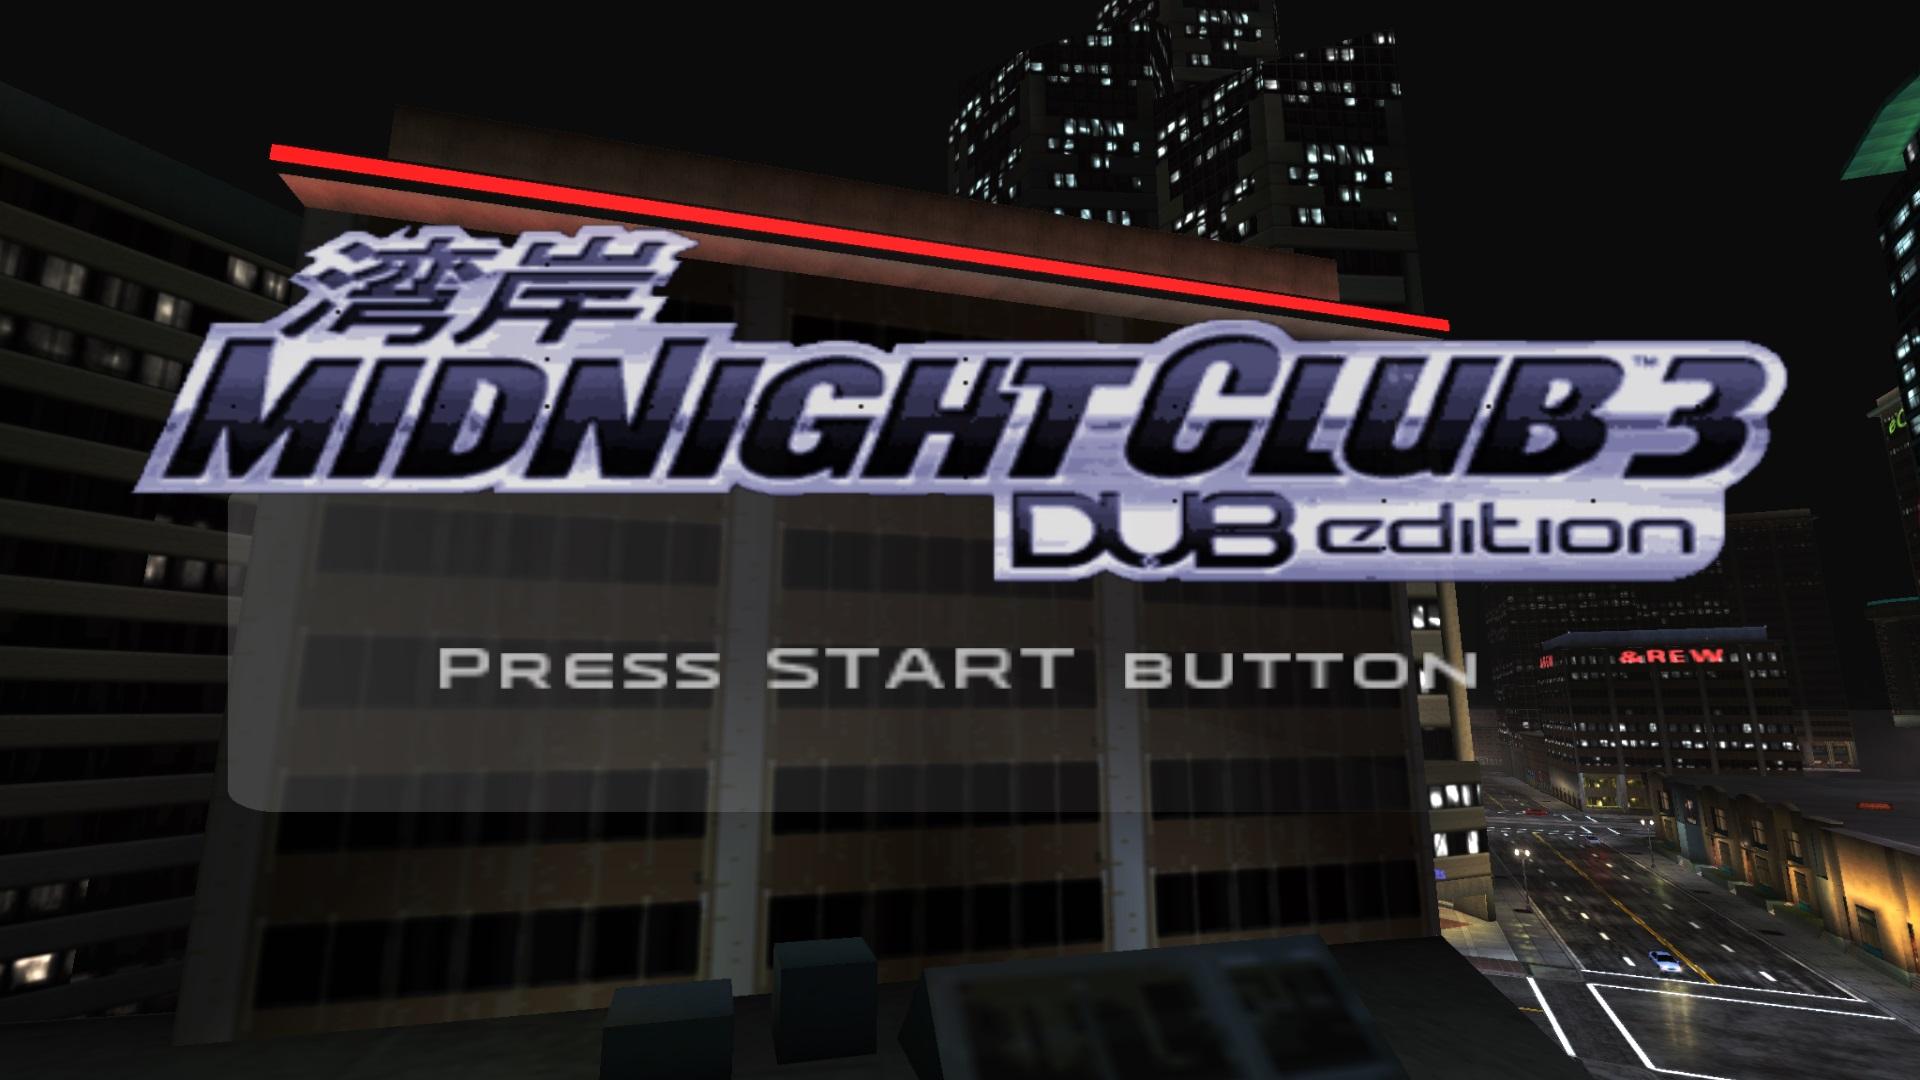 Descargar Midnight Club 3 Dub Edition Remix